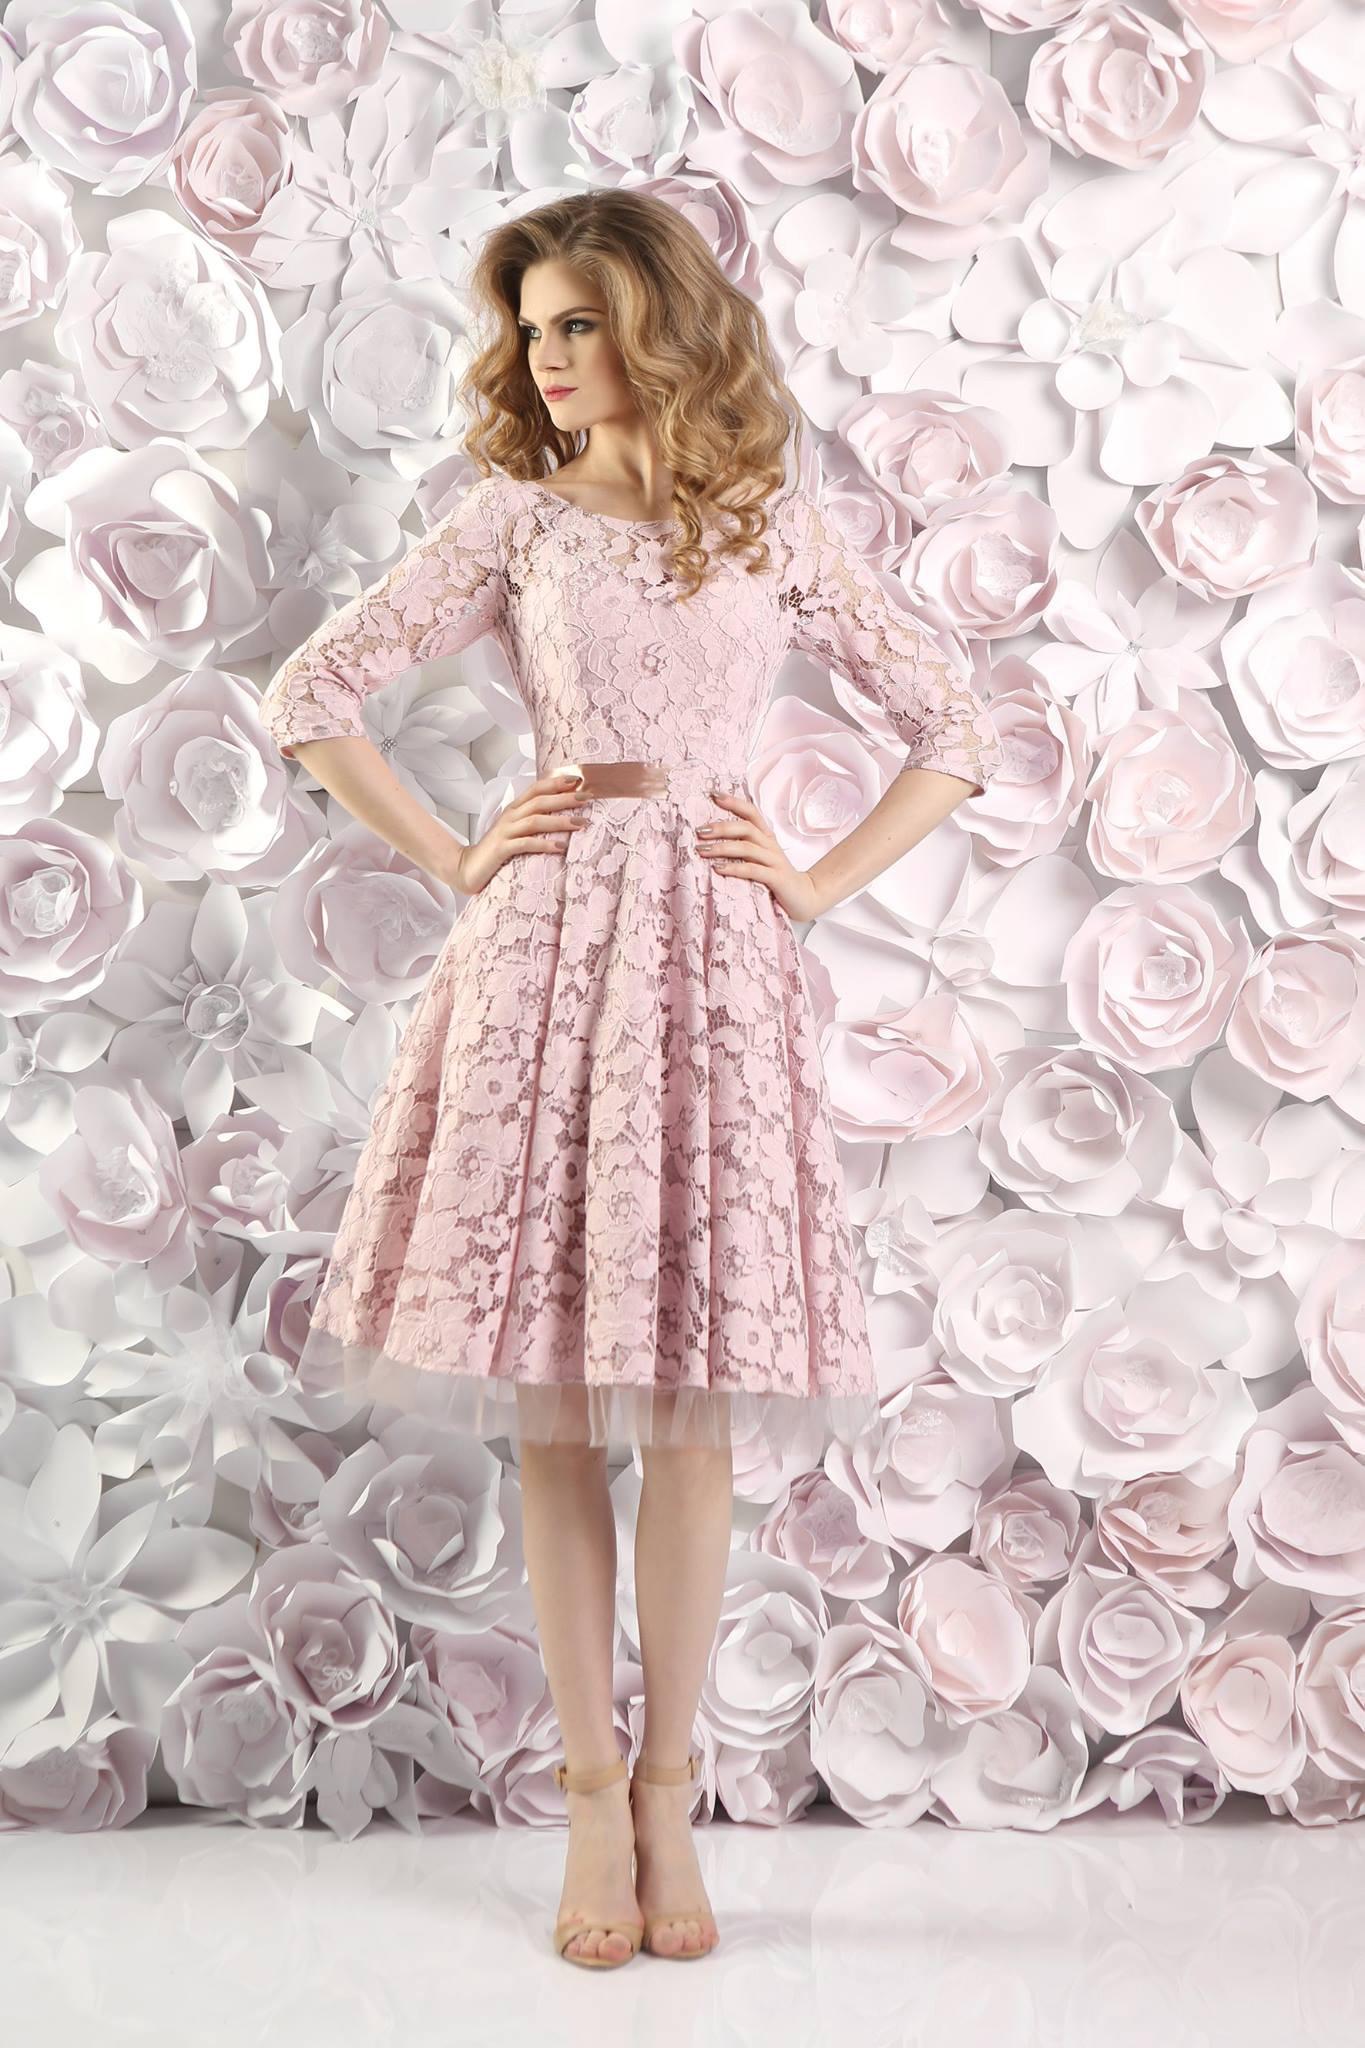 13 Cool Rosa Kleid Mit Ärmeln Design20 Großartig Rosa Kleid Mit Ärmeln Stylish